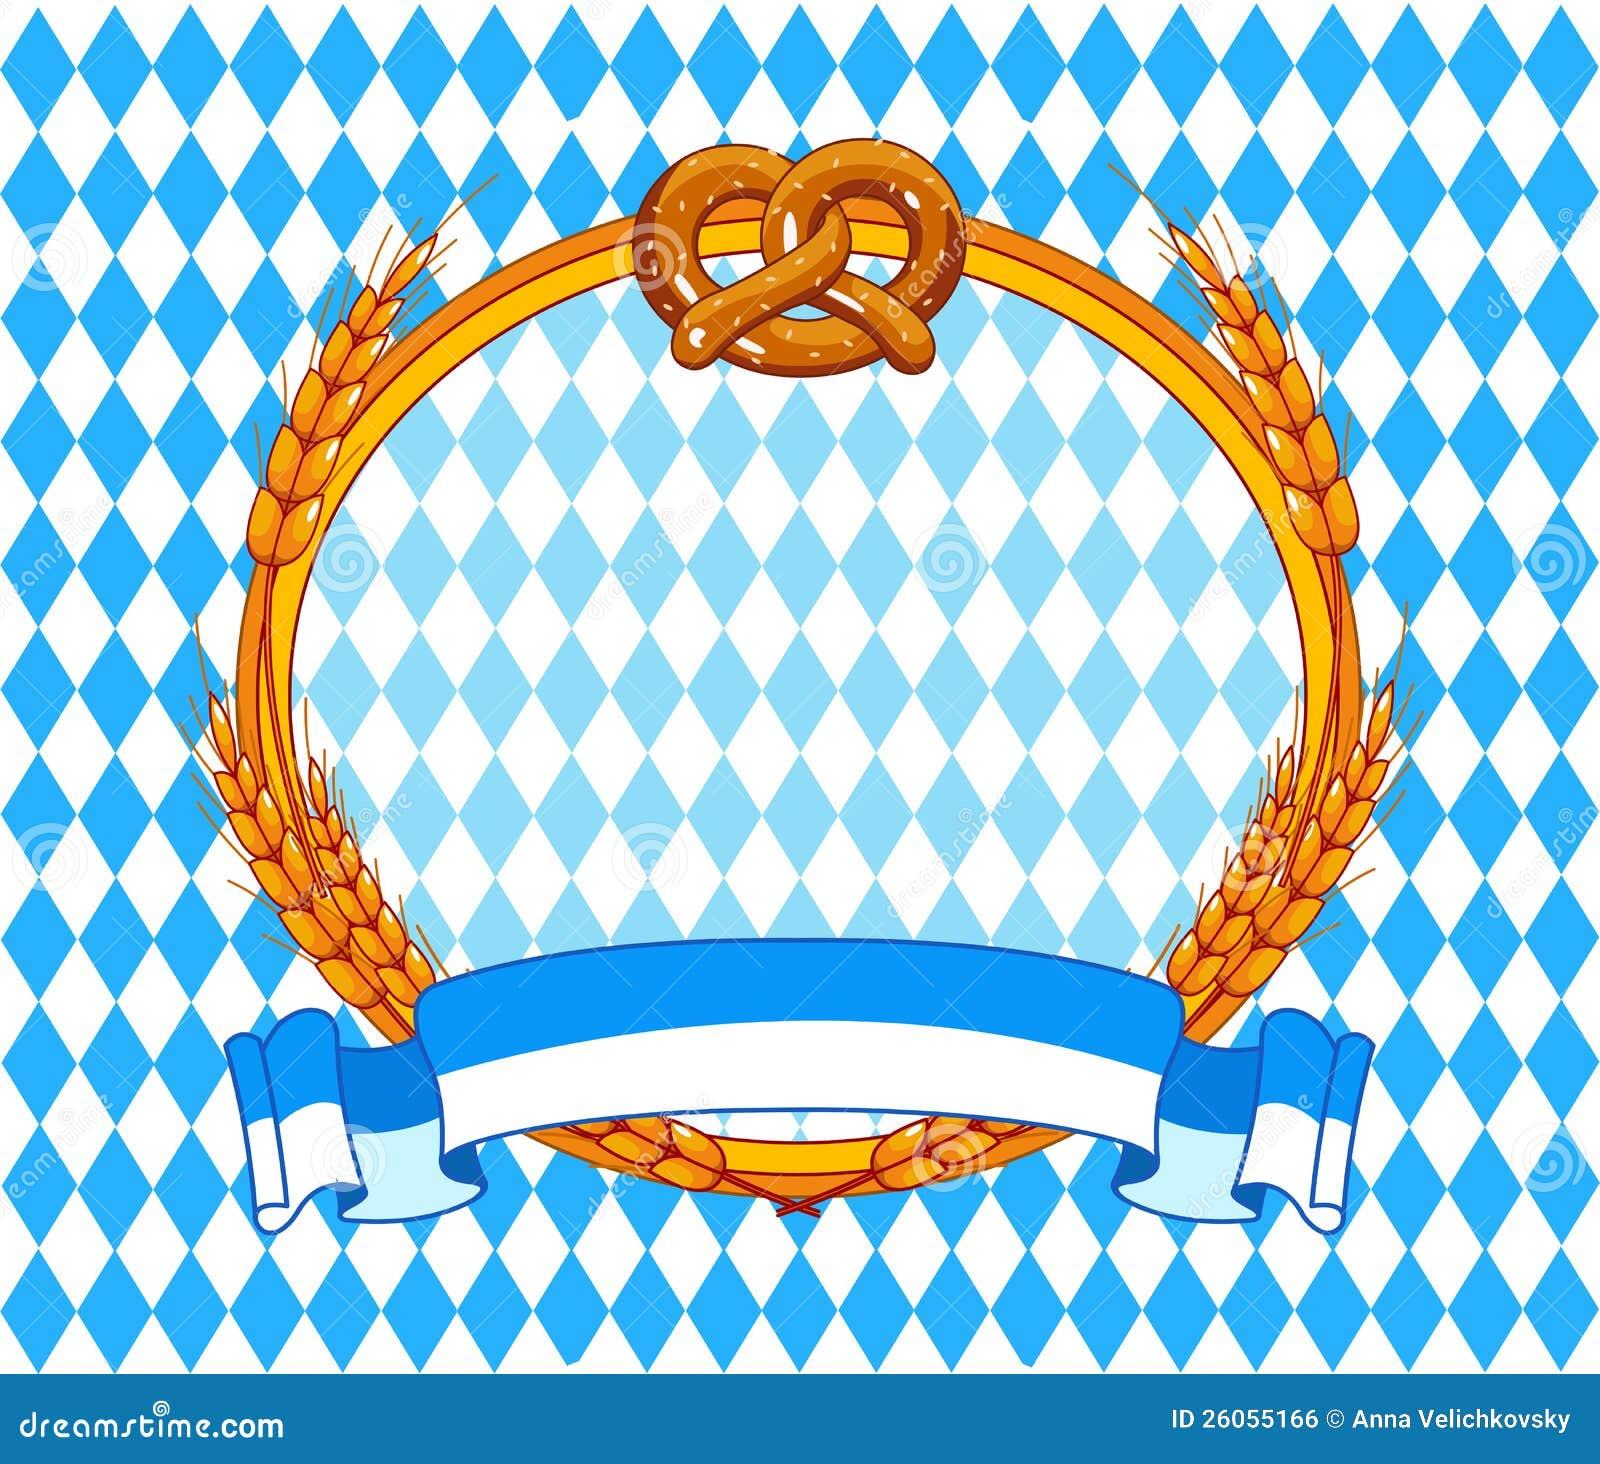 Oktoberfest Background Royalty Free Stock Image - Image: 26055166